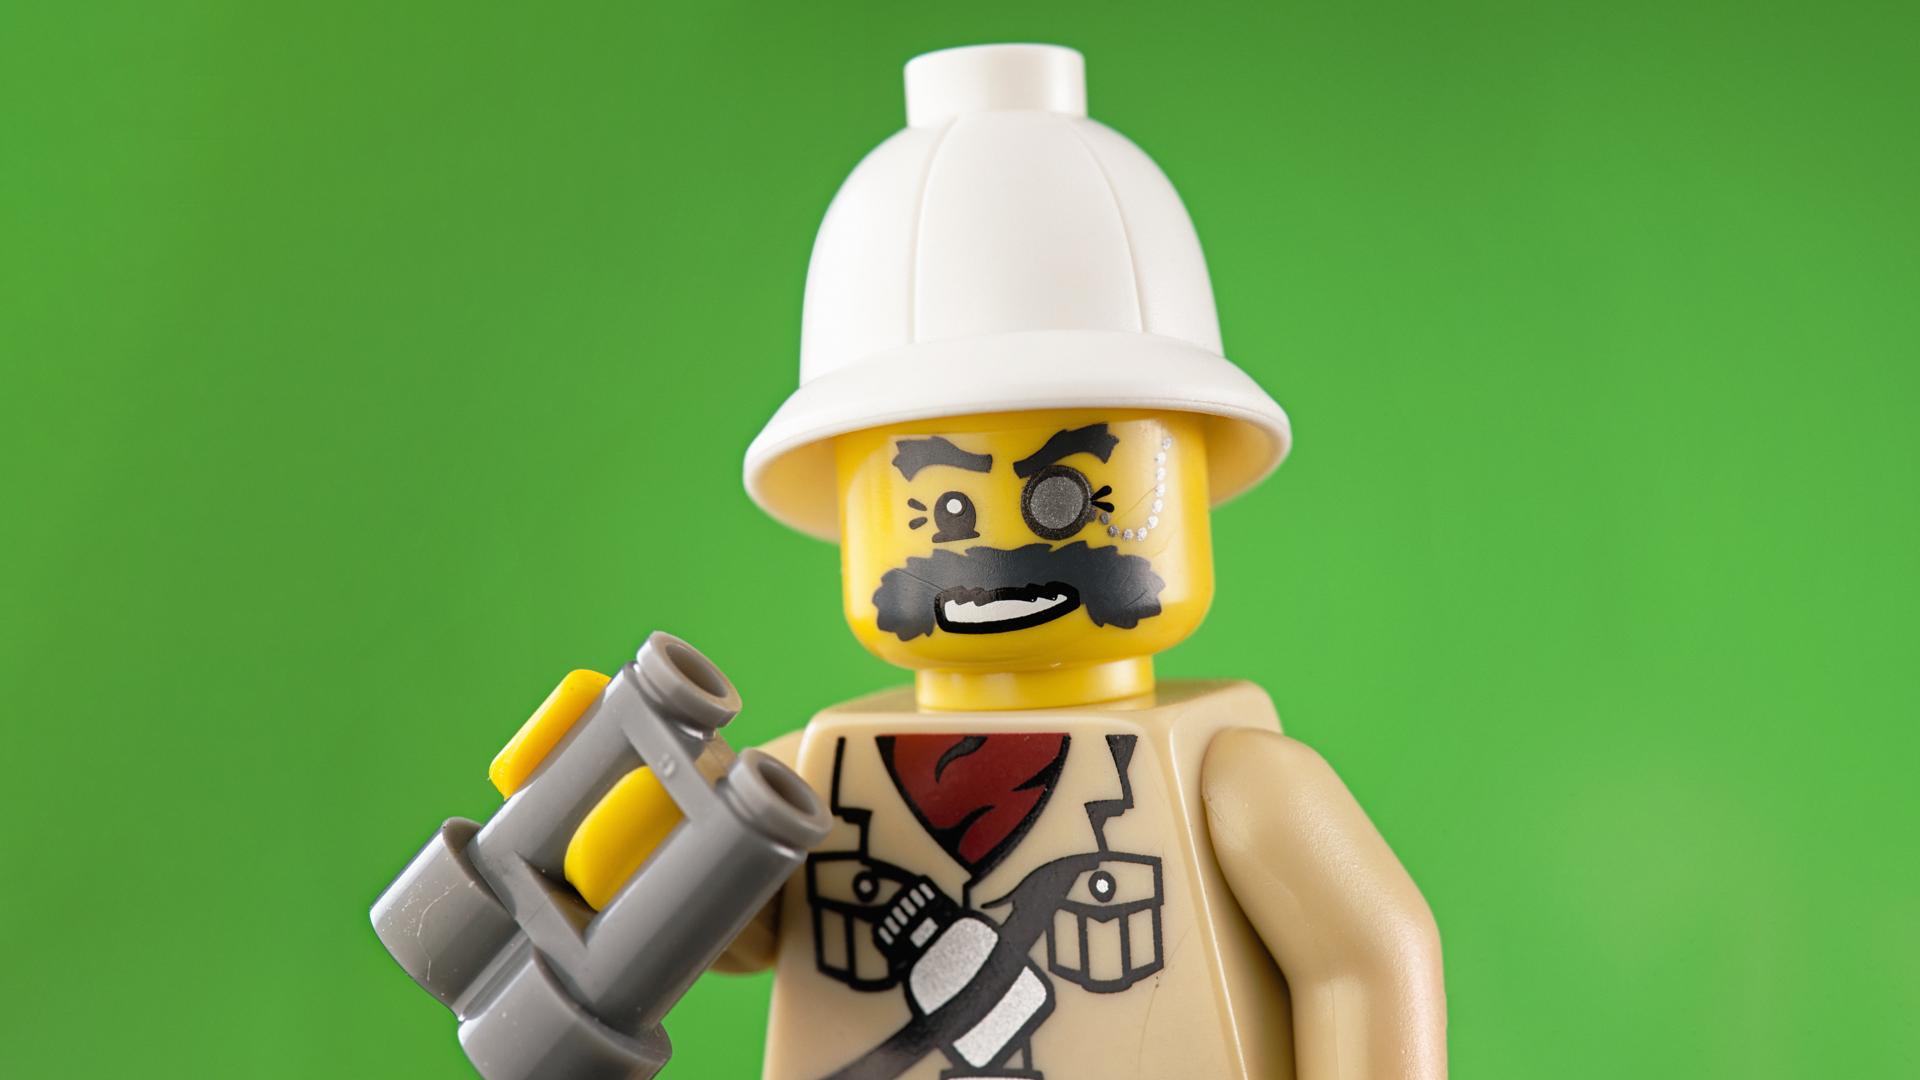 lego arrrrrr 16x9